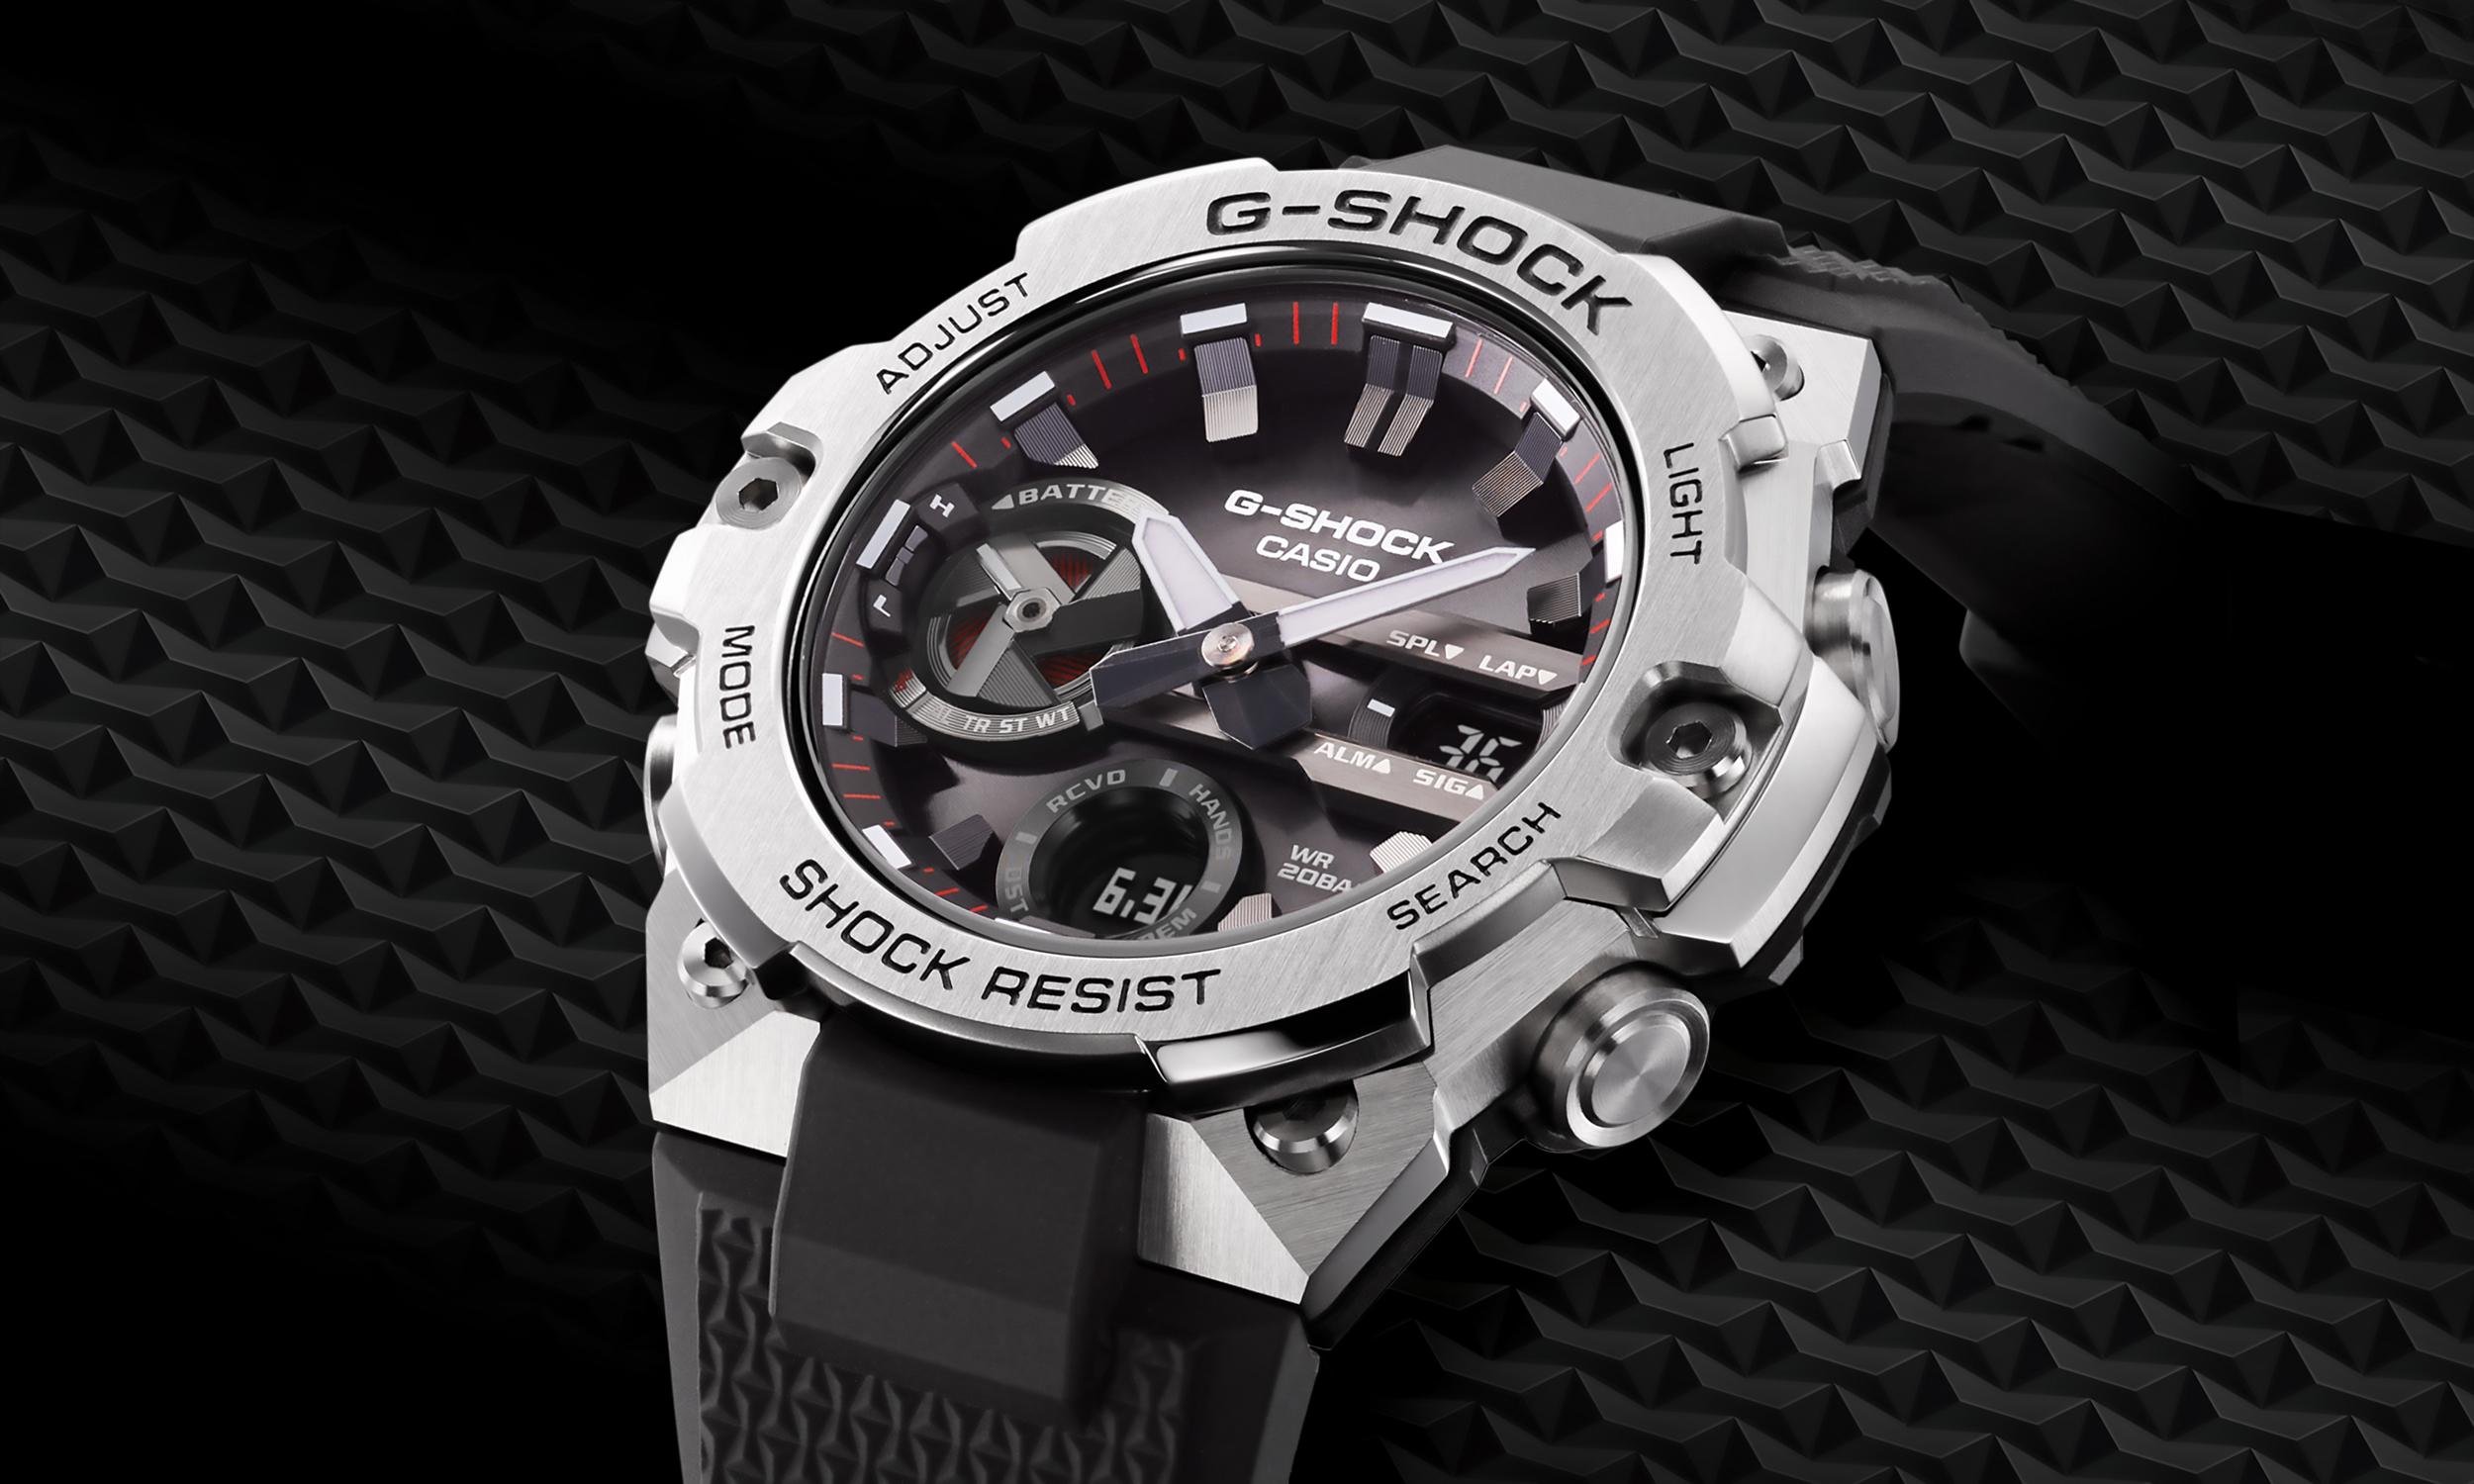 G-Shock G-Steel GSTB400-1A